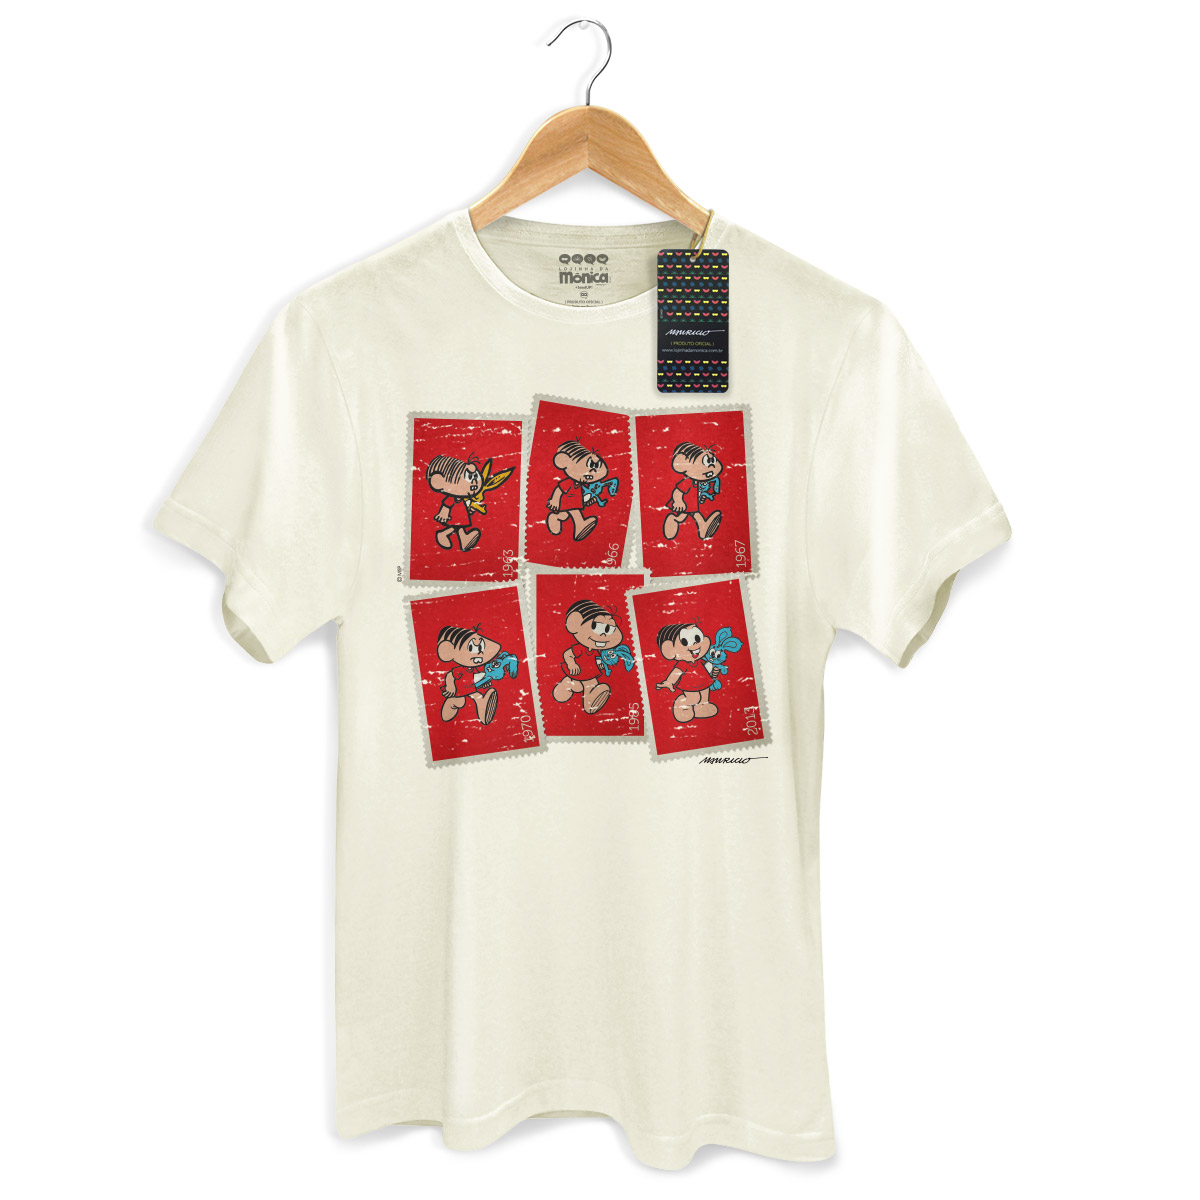 Camiseta Masculina Turma da Mônica 50 Anos Evolução Modelo 3